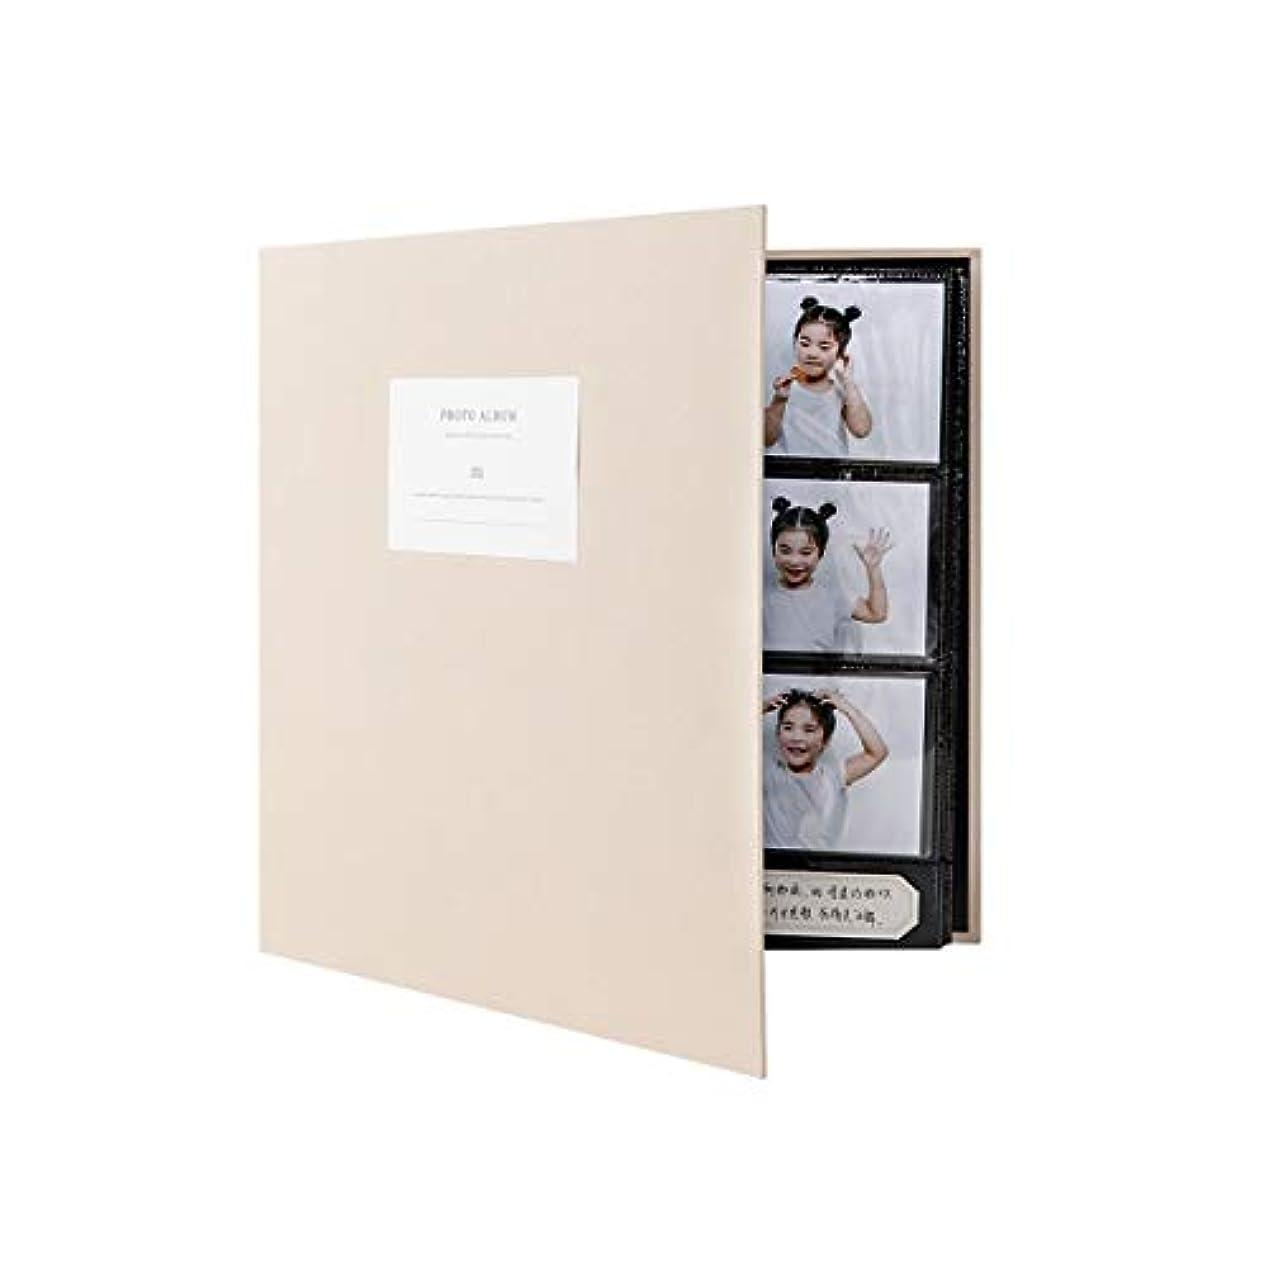 眠るカードピューLHSY 大容量フォトアルバム、記念アルバム、コレクション、インタースティシャル3インチ5インチ10インチフォトストレージブック (Color : Beige, Size : Mixing)